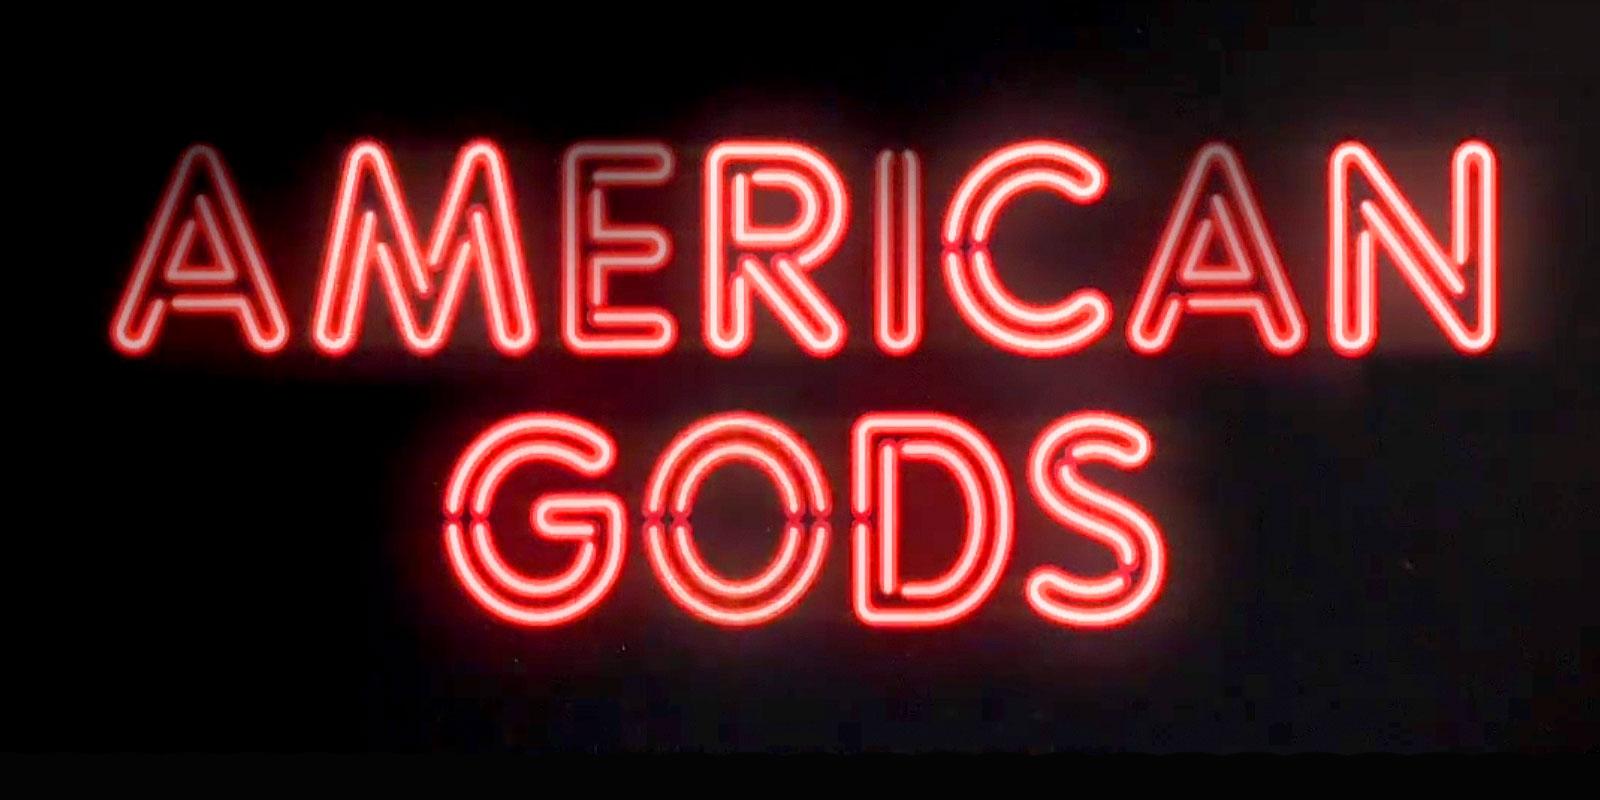 Американски богове 1х02 – епизодът под надслов fuck it или за черните в Америка, саможертвите и какво има за губене Шадоу